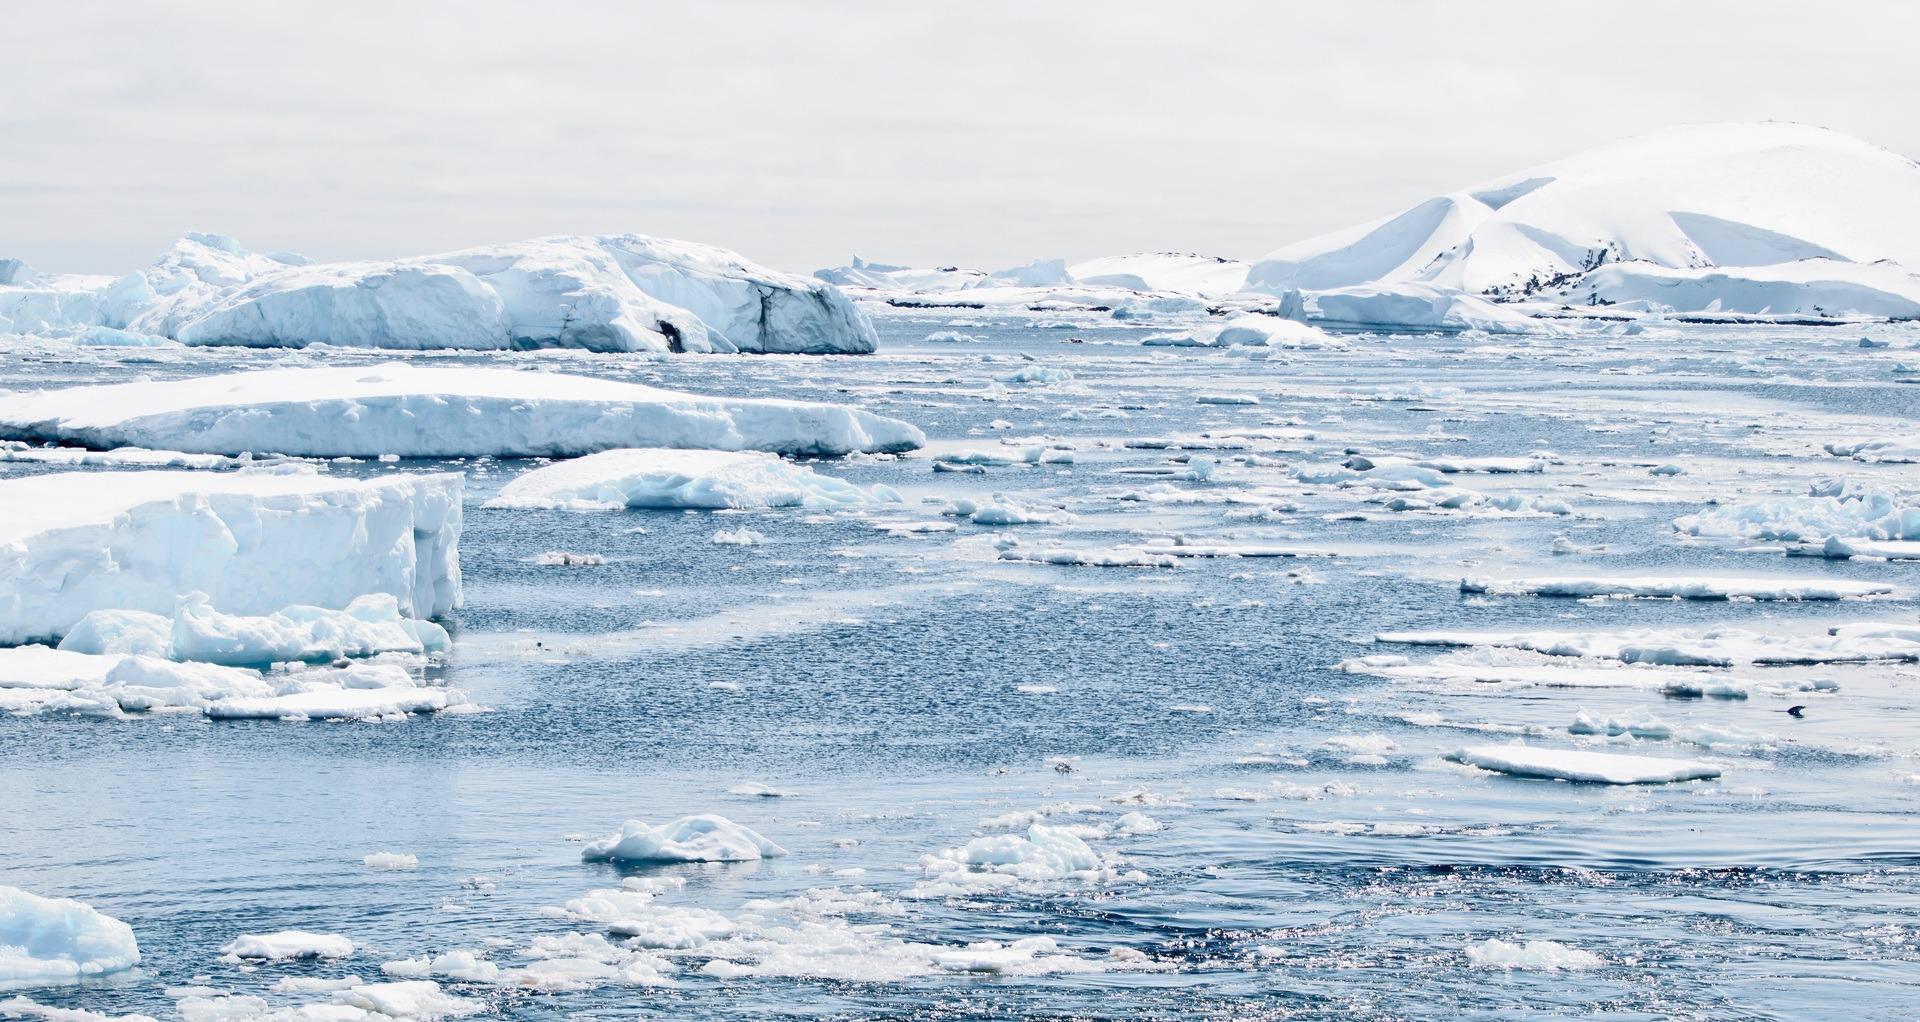 En 2020, con un calentamiento global que ya ha alcanzado 1 ºC, el cambio climático ha provocado grandes cambios en el planeta.